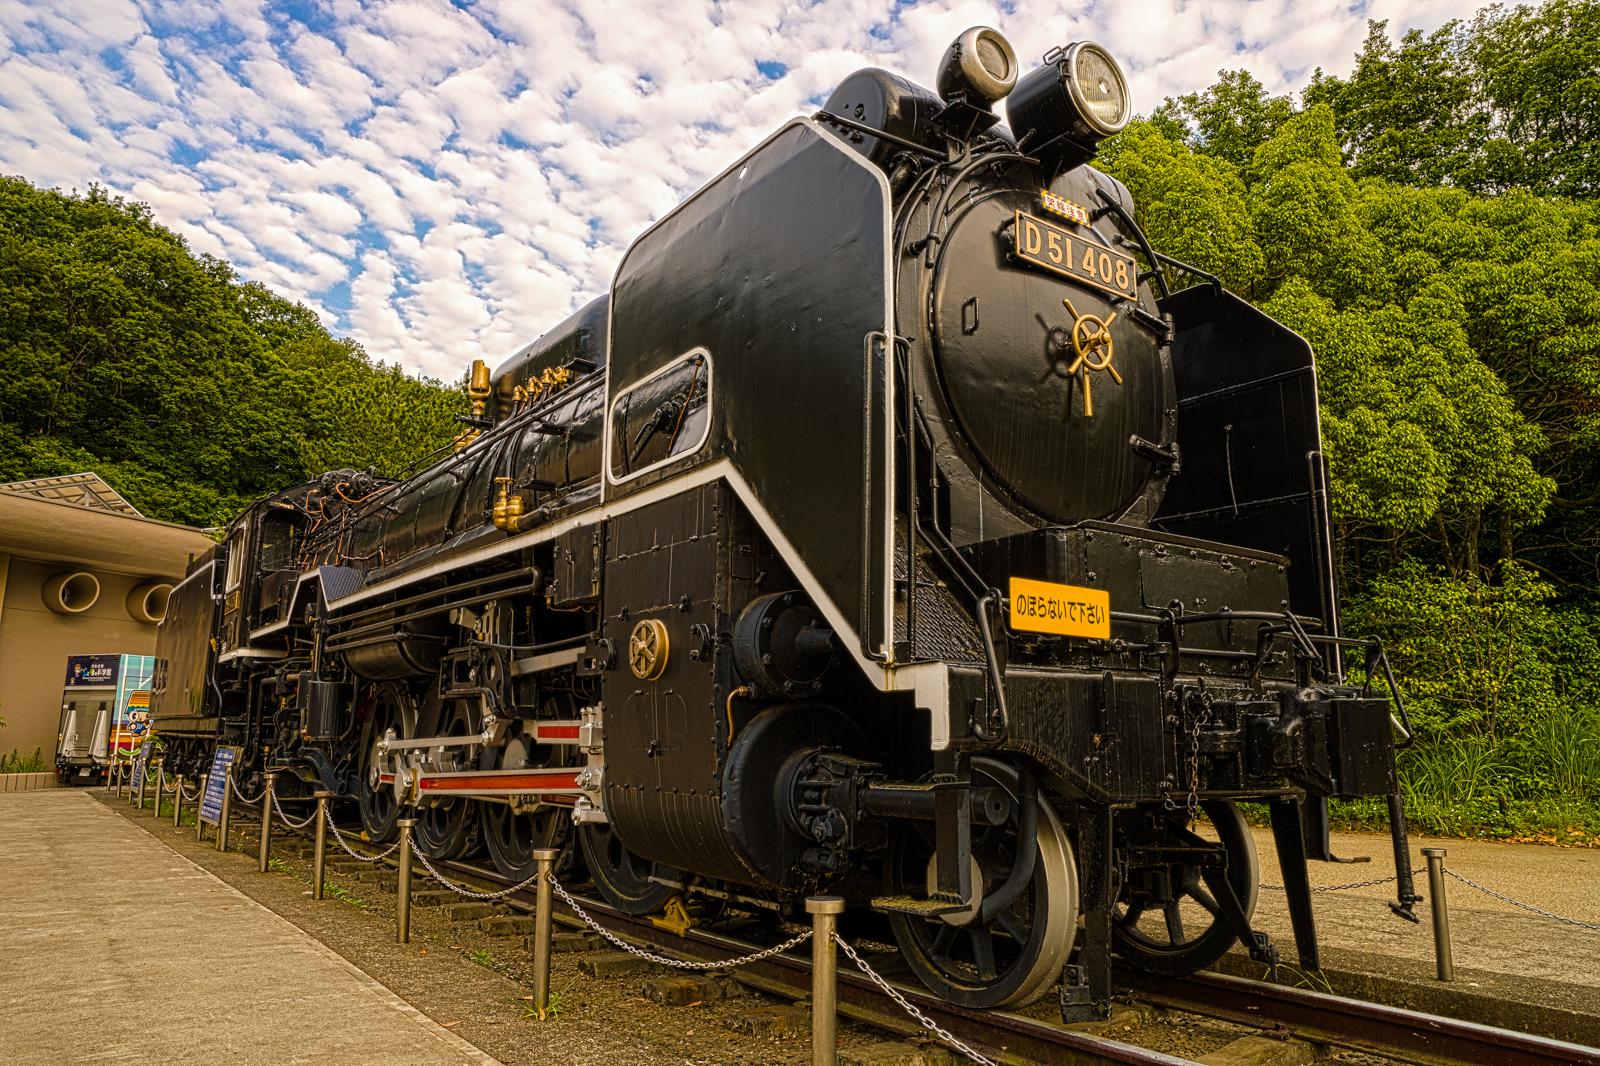 生田緑地に保存されている国鉄D51形蒸気機関車408の写真 HDR